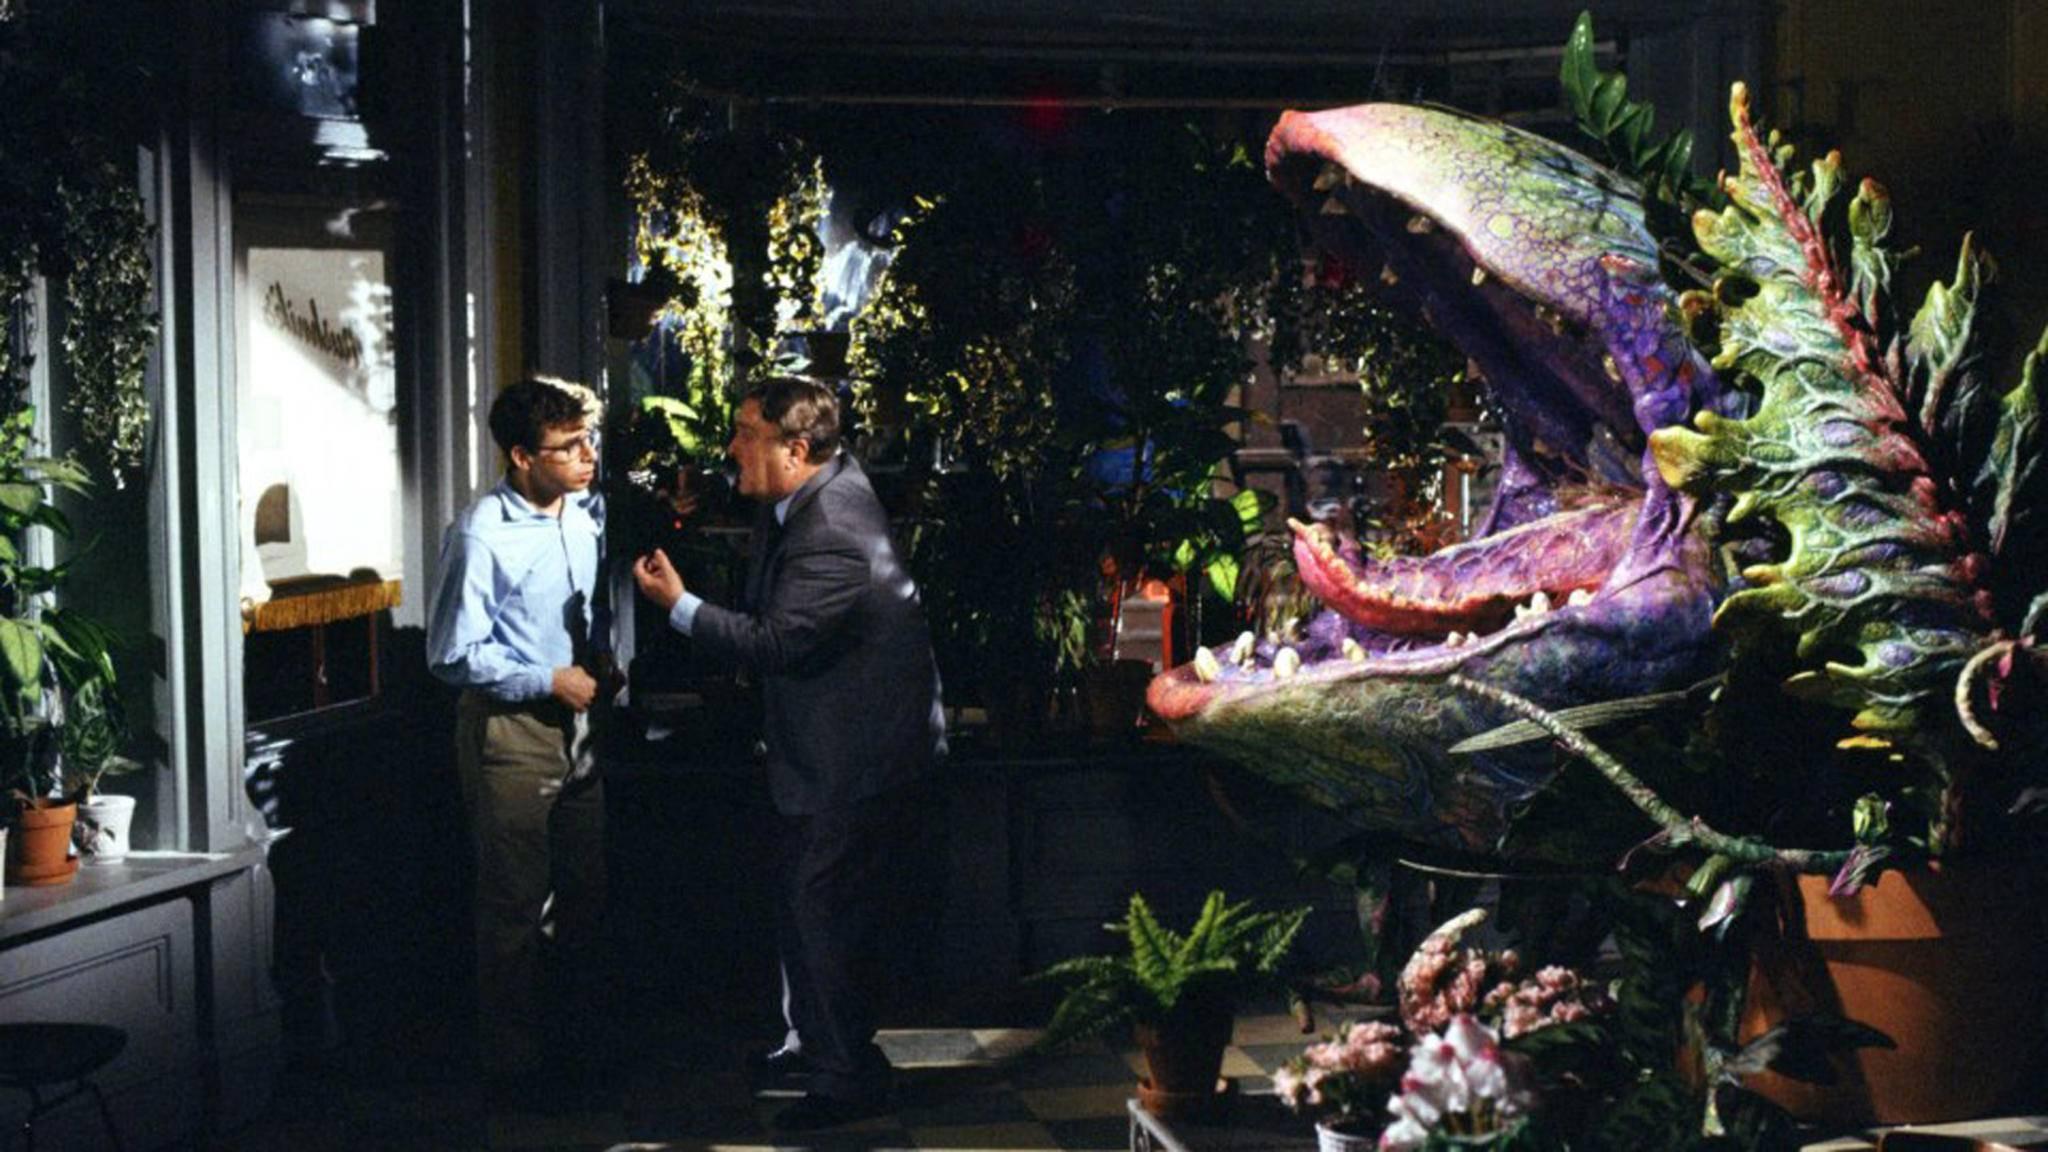 Nervt der Arbeitgeber? Seymour verfüttert ihn kurzerhand an seine gierige fleischfressende Pflanze.